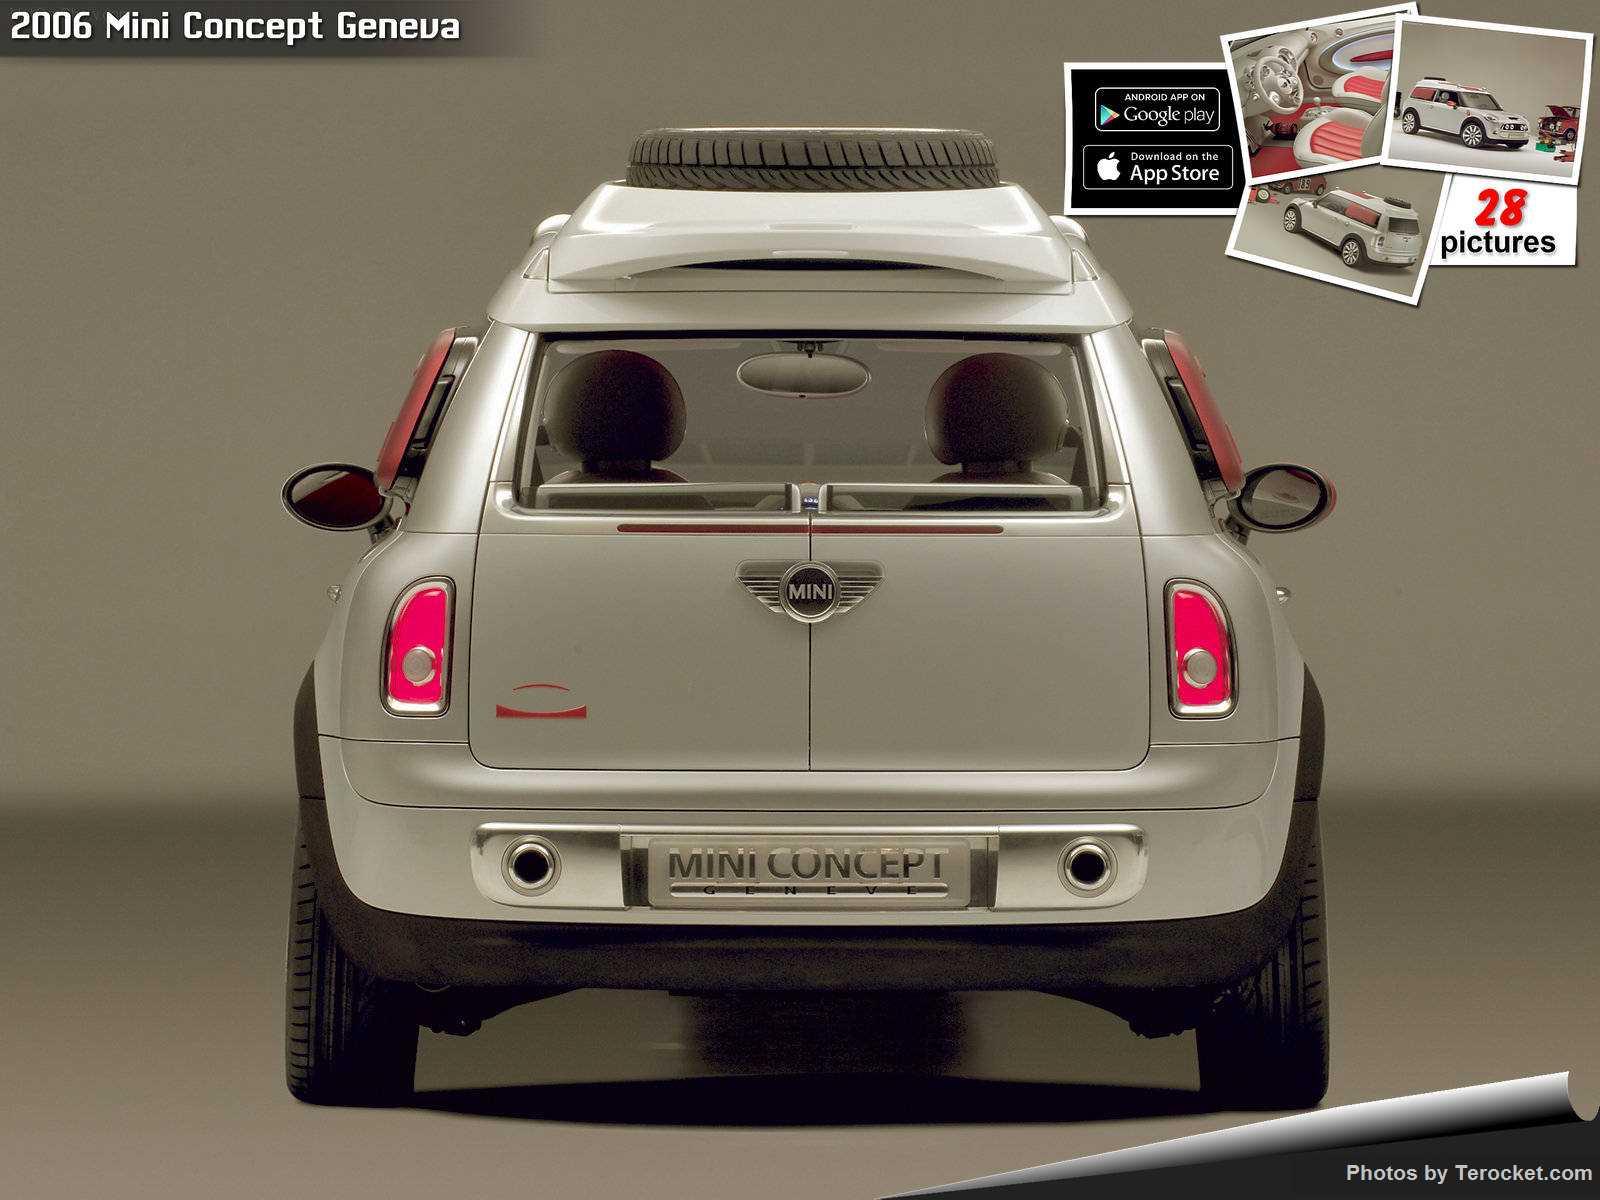 Hình ảnh xe ô tô Mini Concept Geneva 2006 & nội ngoại thất